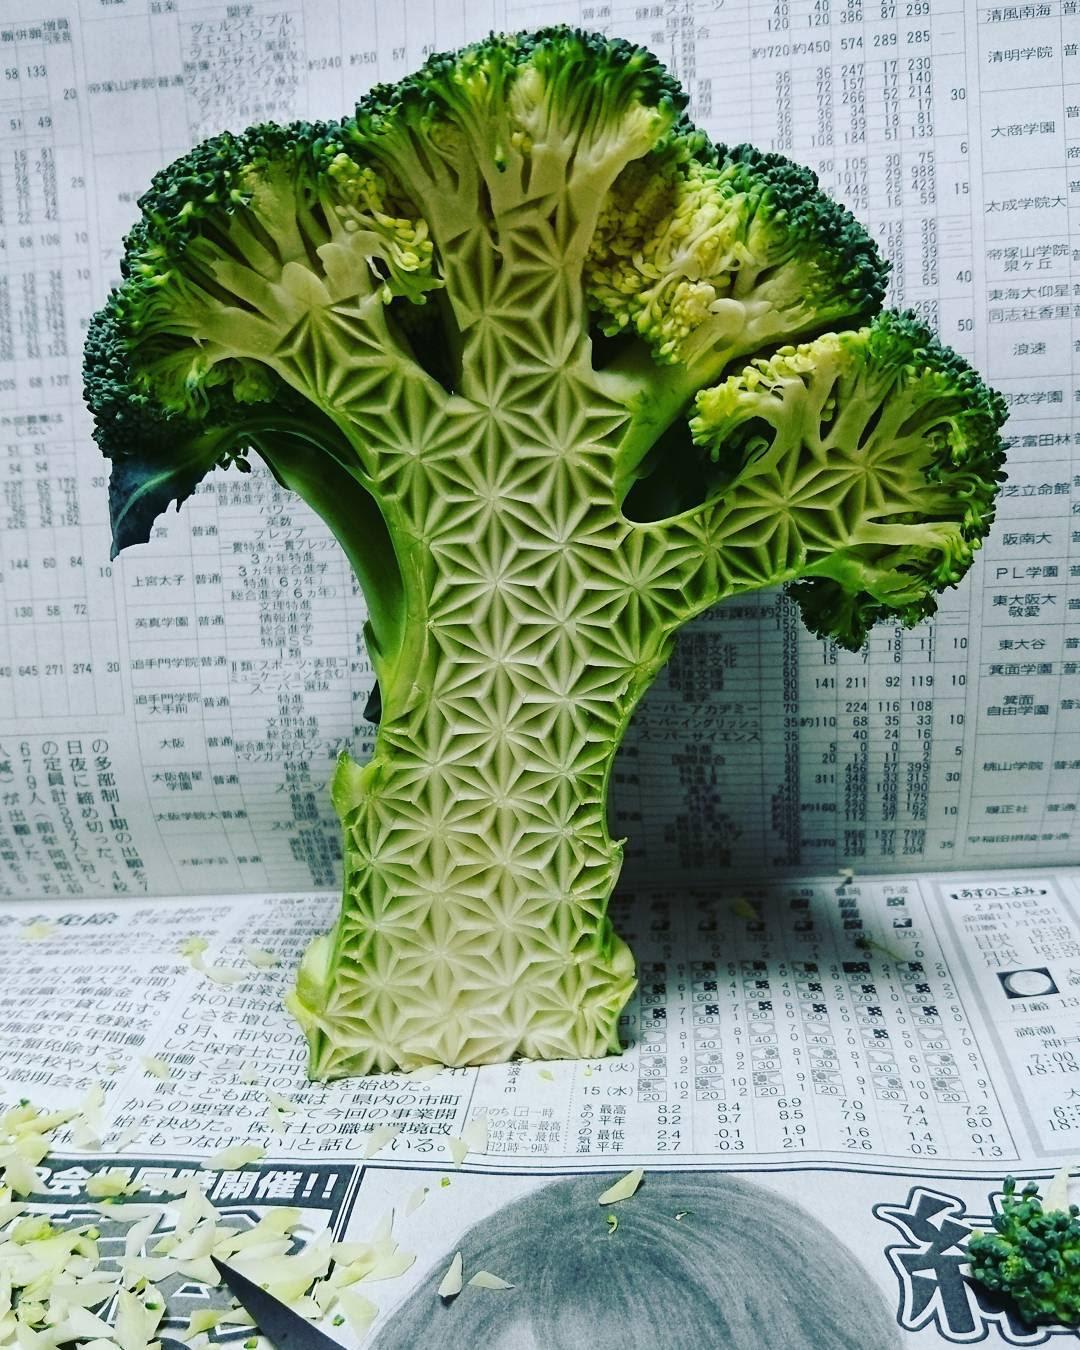 esculturas con comida en japon (1)